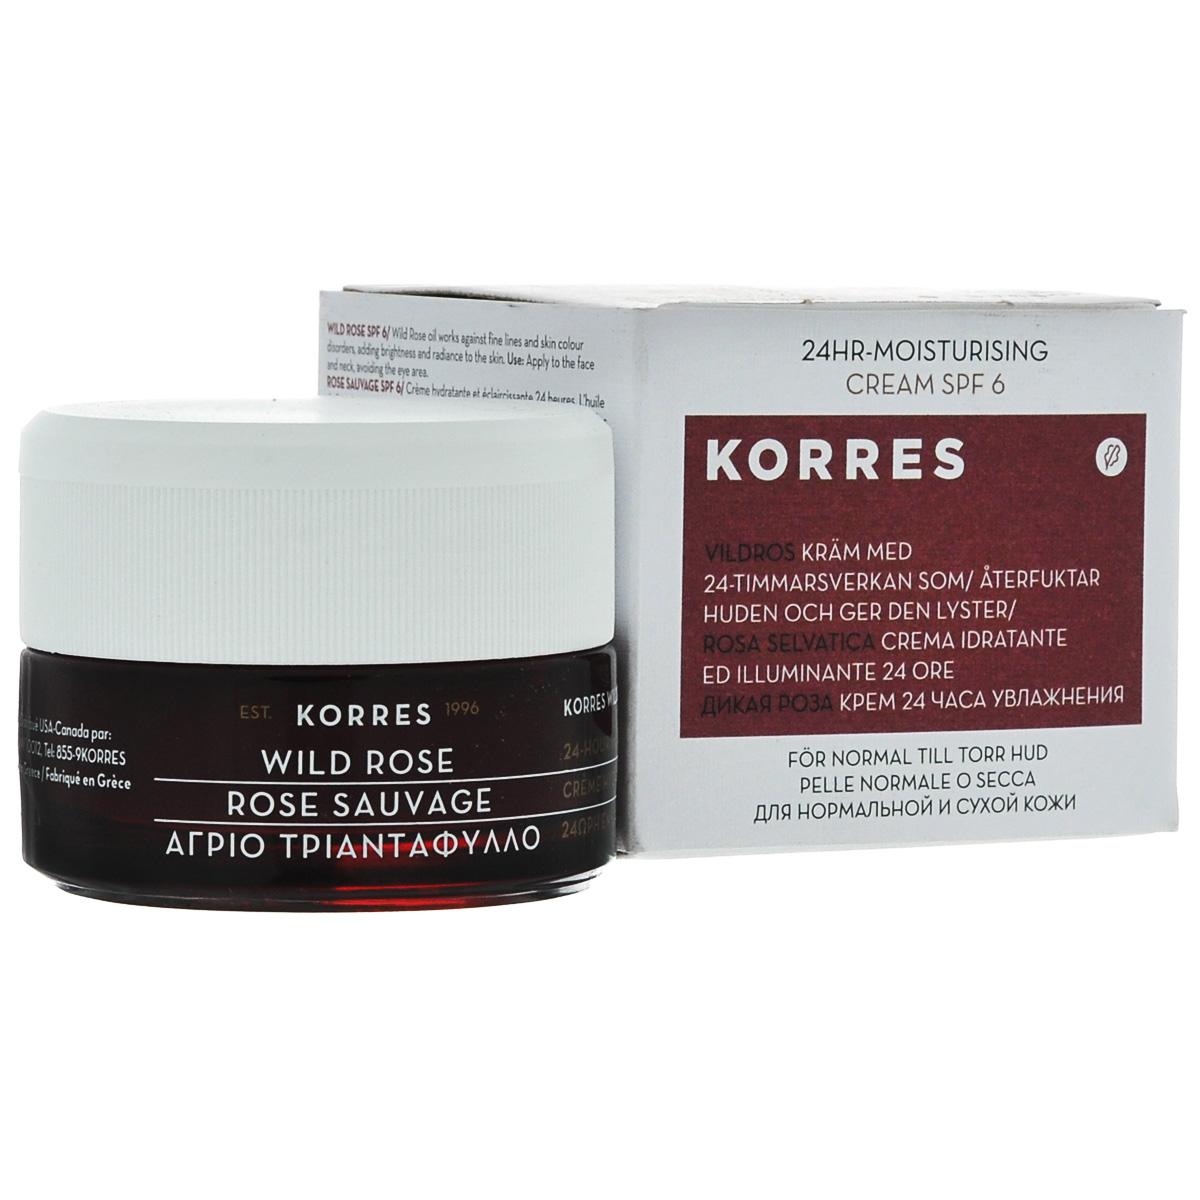 Korres Крем для лица 24 часа, увлажняющий, с дикой розой, для нормальной и сухой кожи, SPF 6, 40 мл5203069045639Крем для лица Korres 24 часа, увлажняющий на протяжении 24 часов, разработан специально для нормальной и сухой кожи. Крем насыщенной мягкой текстуры с уникальным ароматом цветов повышает сопротивляемость кожи влиянию UV лучей, предупреждает появление пигментации. Богатый маслом дикой розы, которое знаменито своими восстанавливающими и омолаживающими свойствами, а также улучшающее цвет лица. Обеспечивает увлажнение на 24 часа, благодаря свойству пустынного растения Императы цилиндрической удерживать влагу. Фитиновая кислота антиоксидант, осветляет и омолаживает кожу. Без минеральных масел, без силикона, без пропилен гликоля и этаноламина. Проверено дерматологами. Товар сертифицирован.